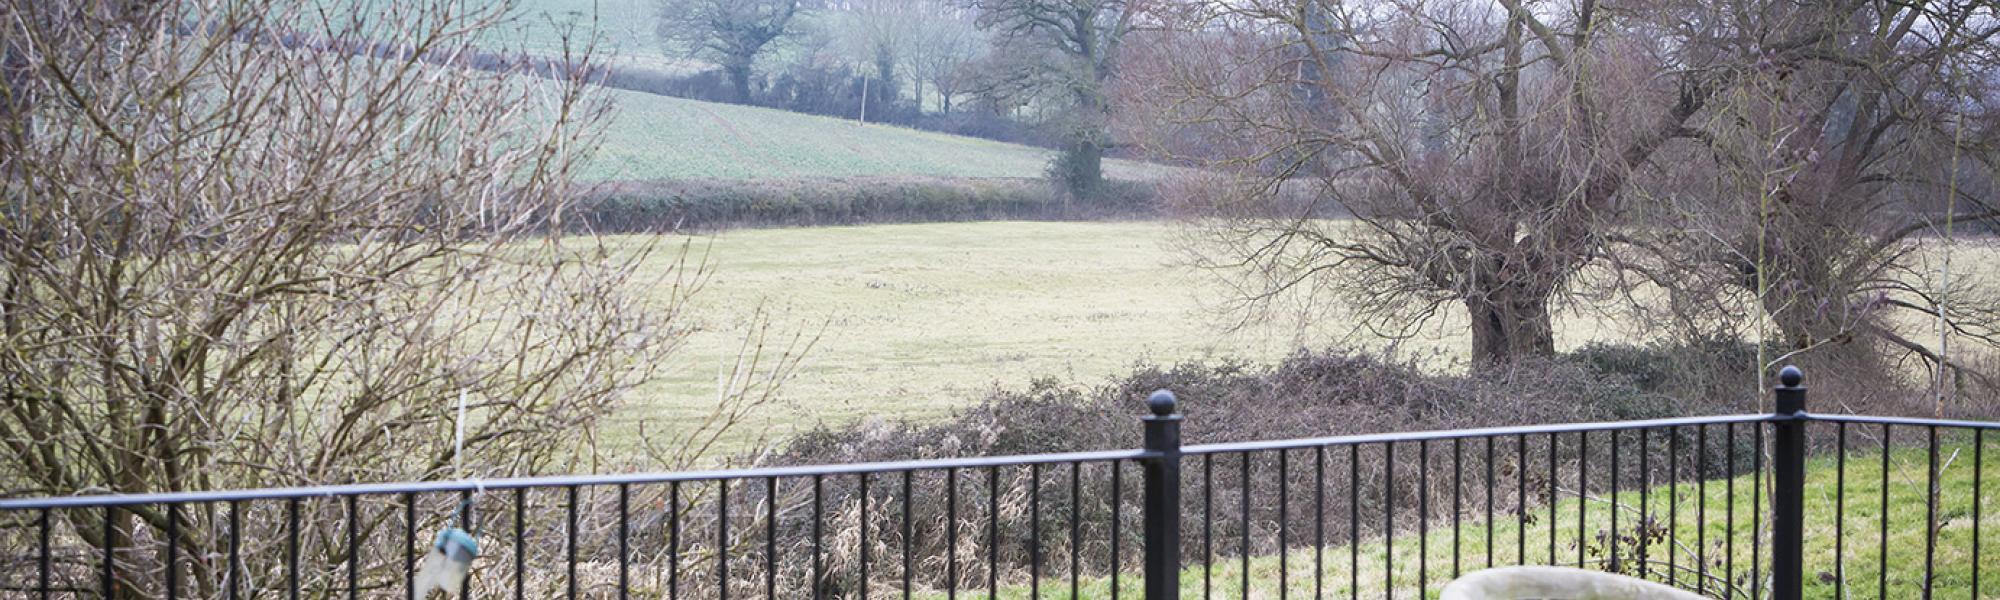 brighterkind Tewkesbury Fields in Tewkesbury